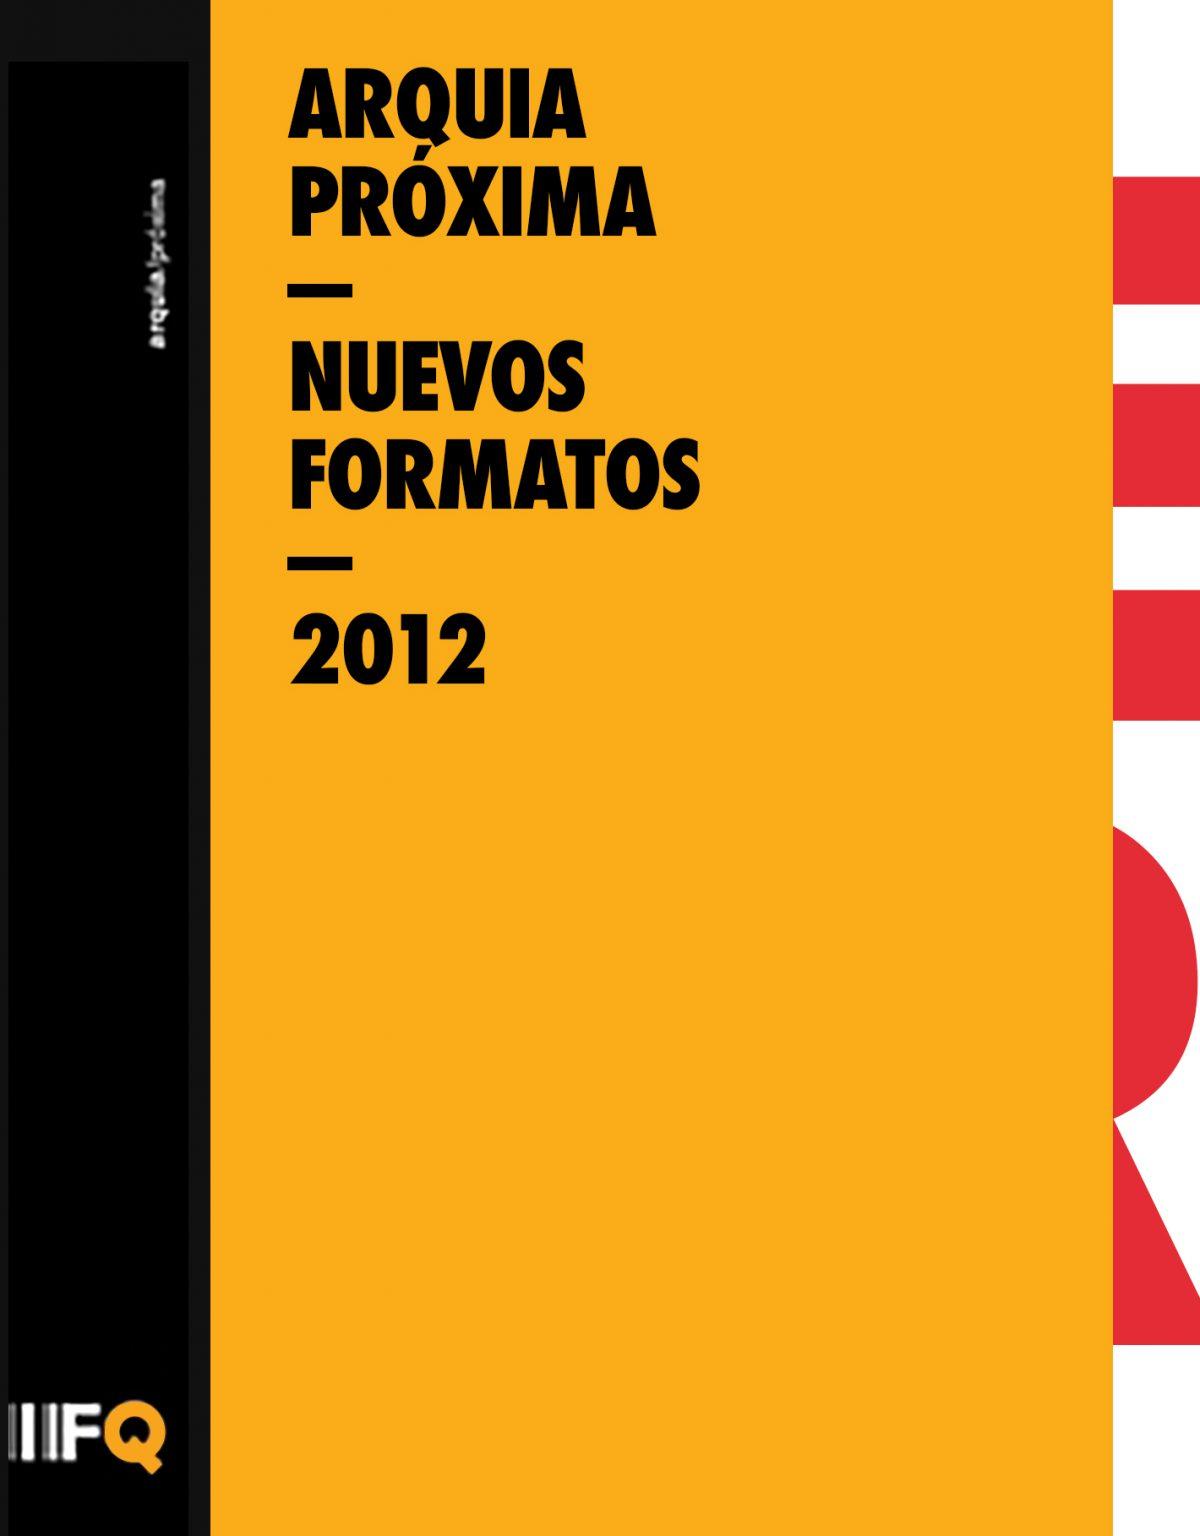 arquia_nuevos_formatos_2012